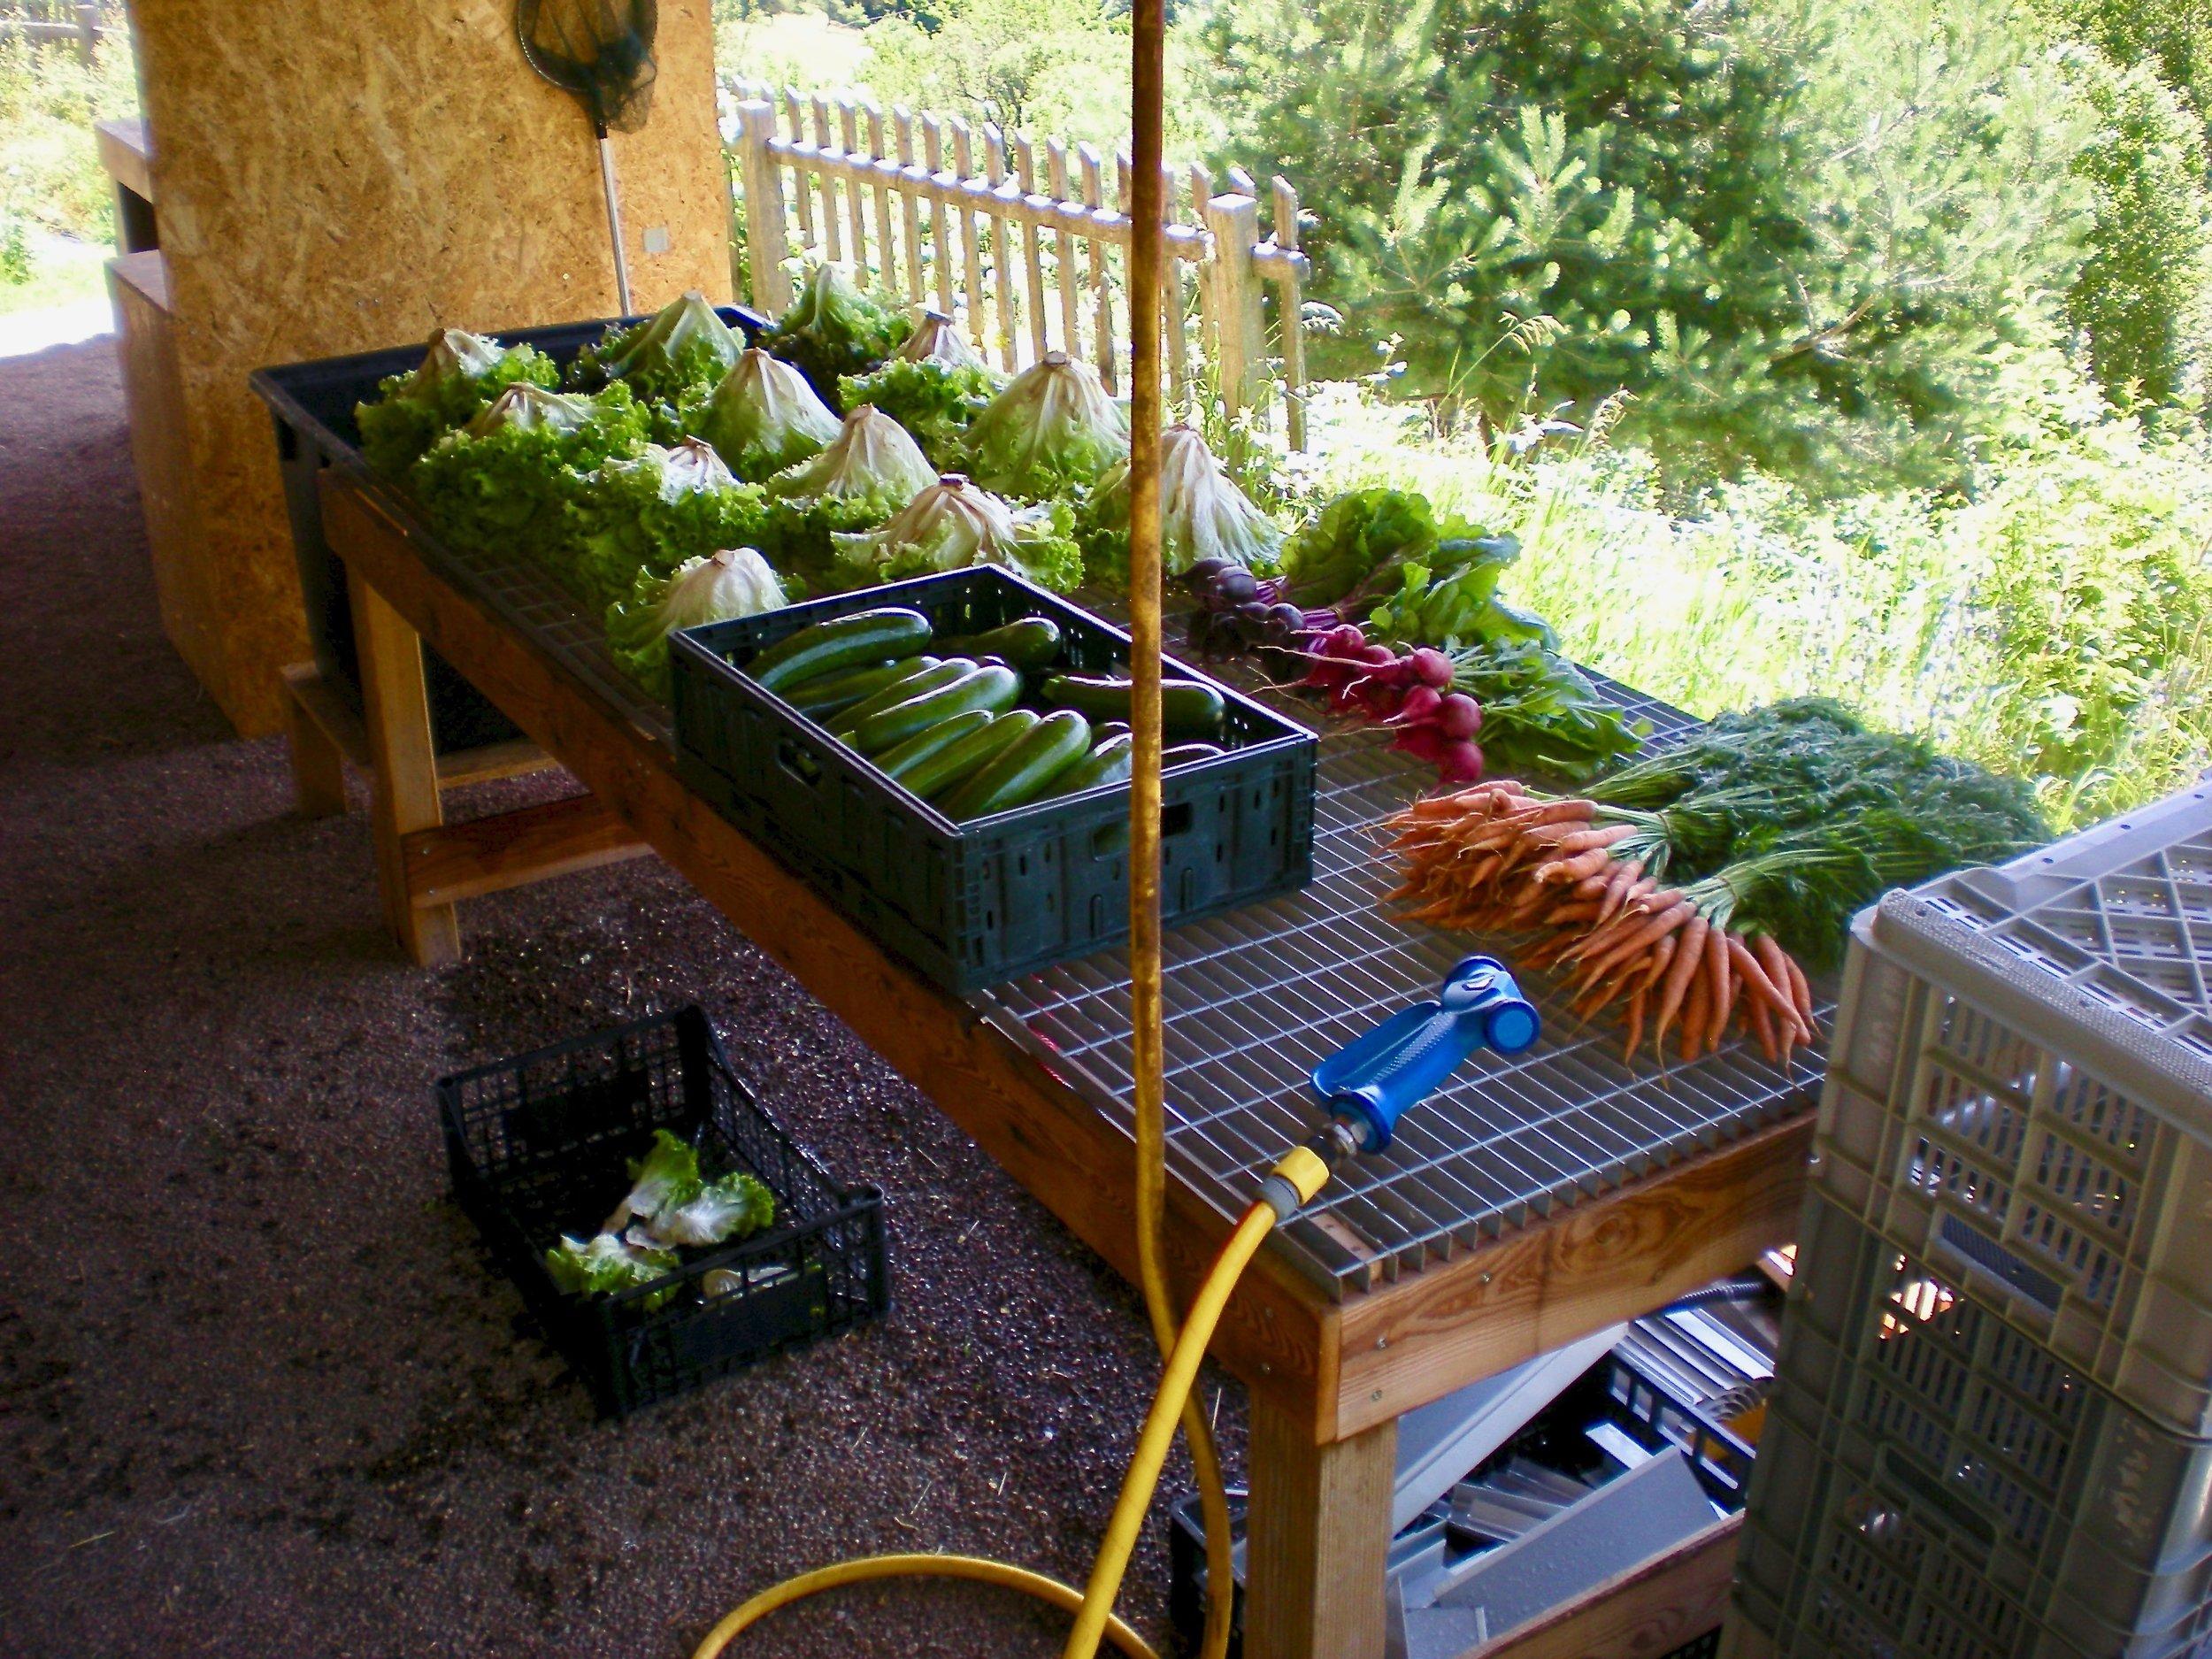 Maso-Zepp-Lean-Farming-washing-station.jpeg